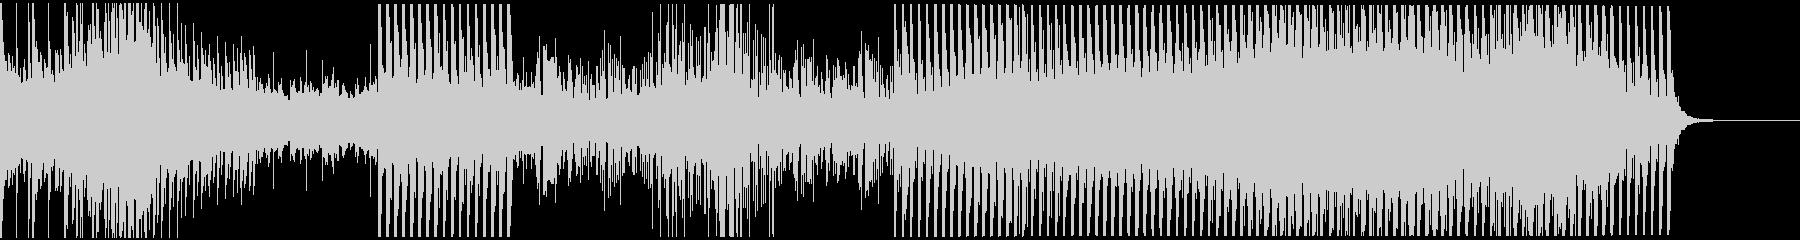 切なく力強いフューチャーハウスサウンドの未再生の波形